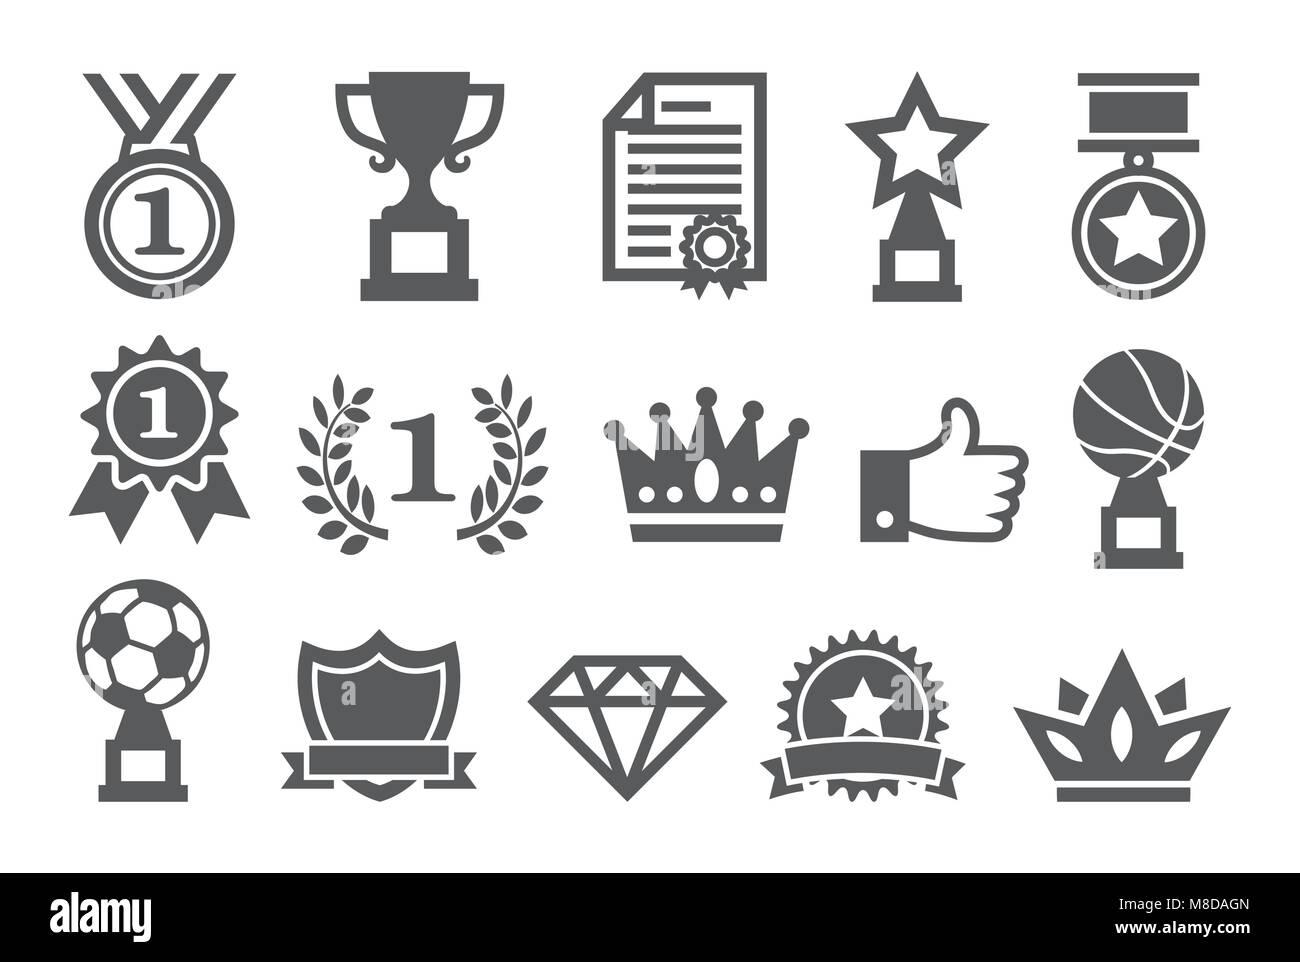 Auszeichnungen Icons set Stockbild